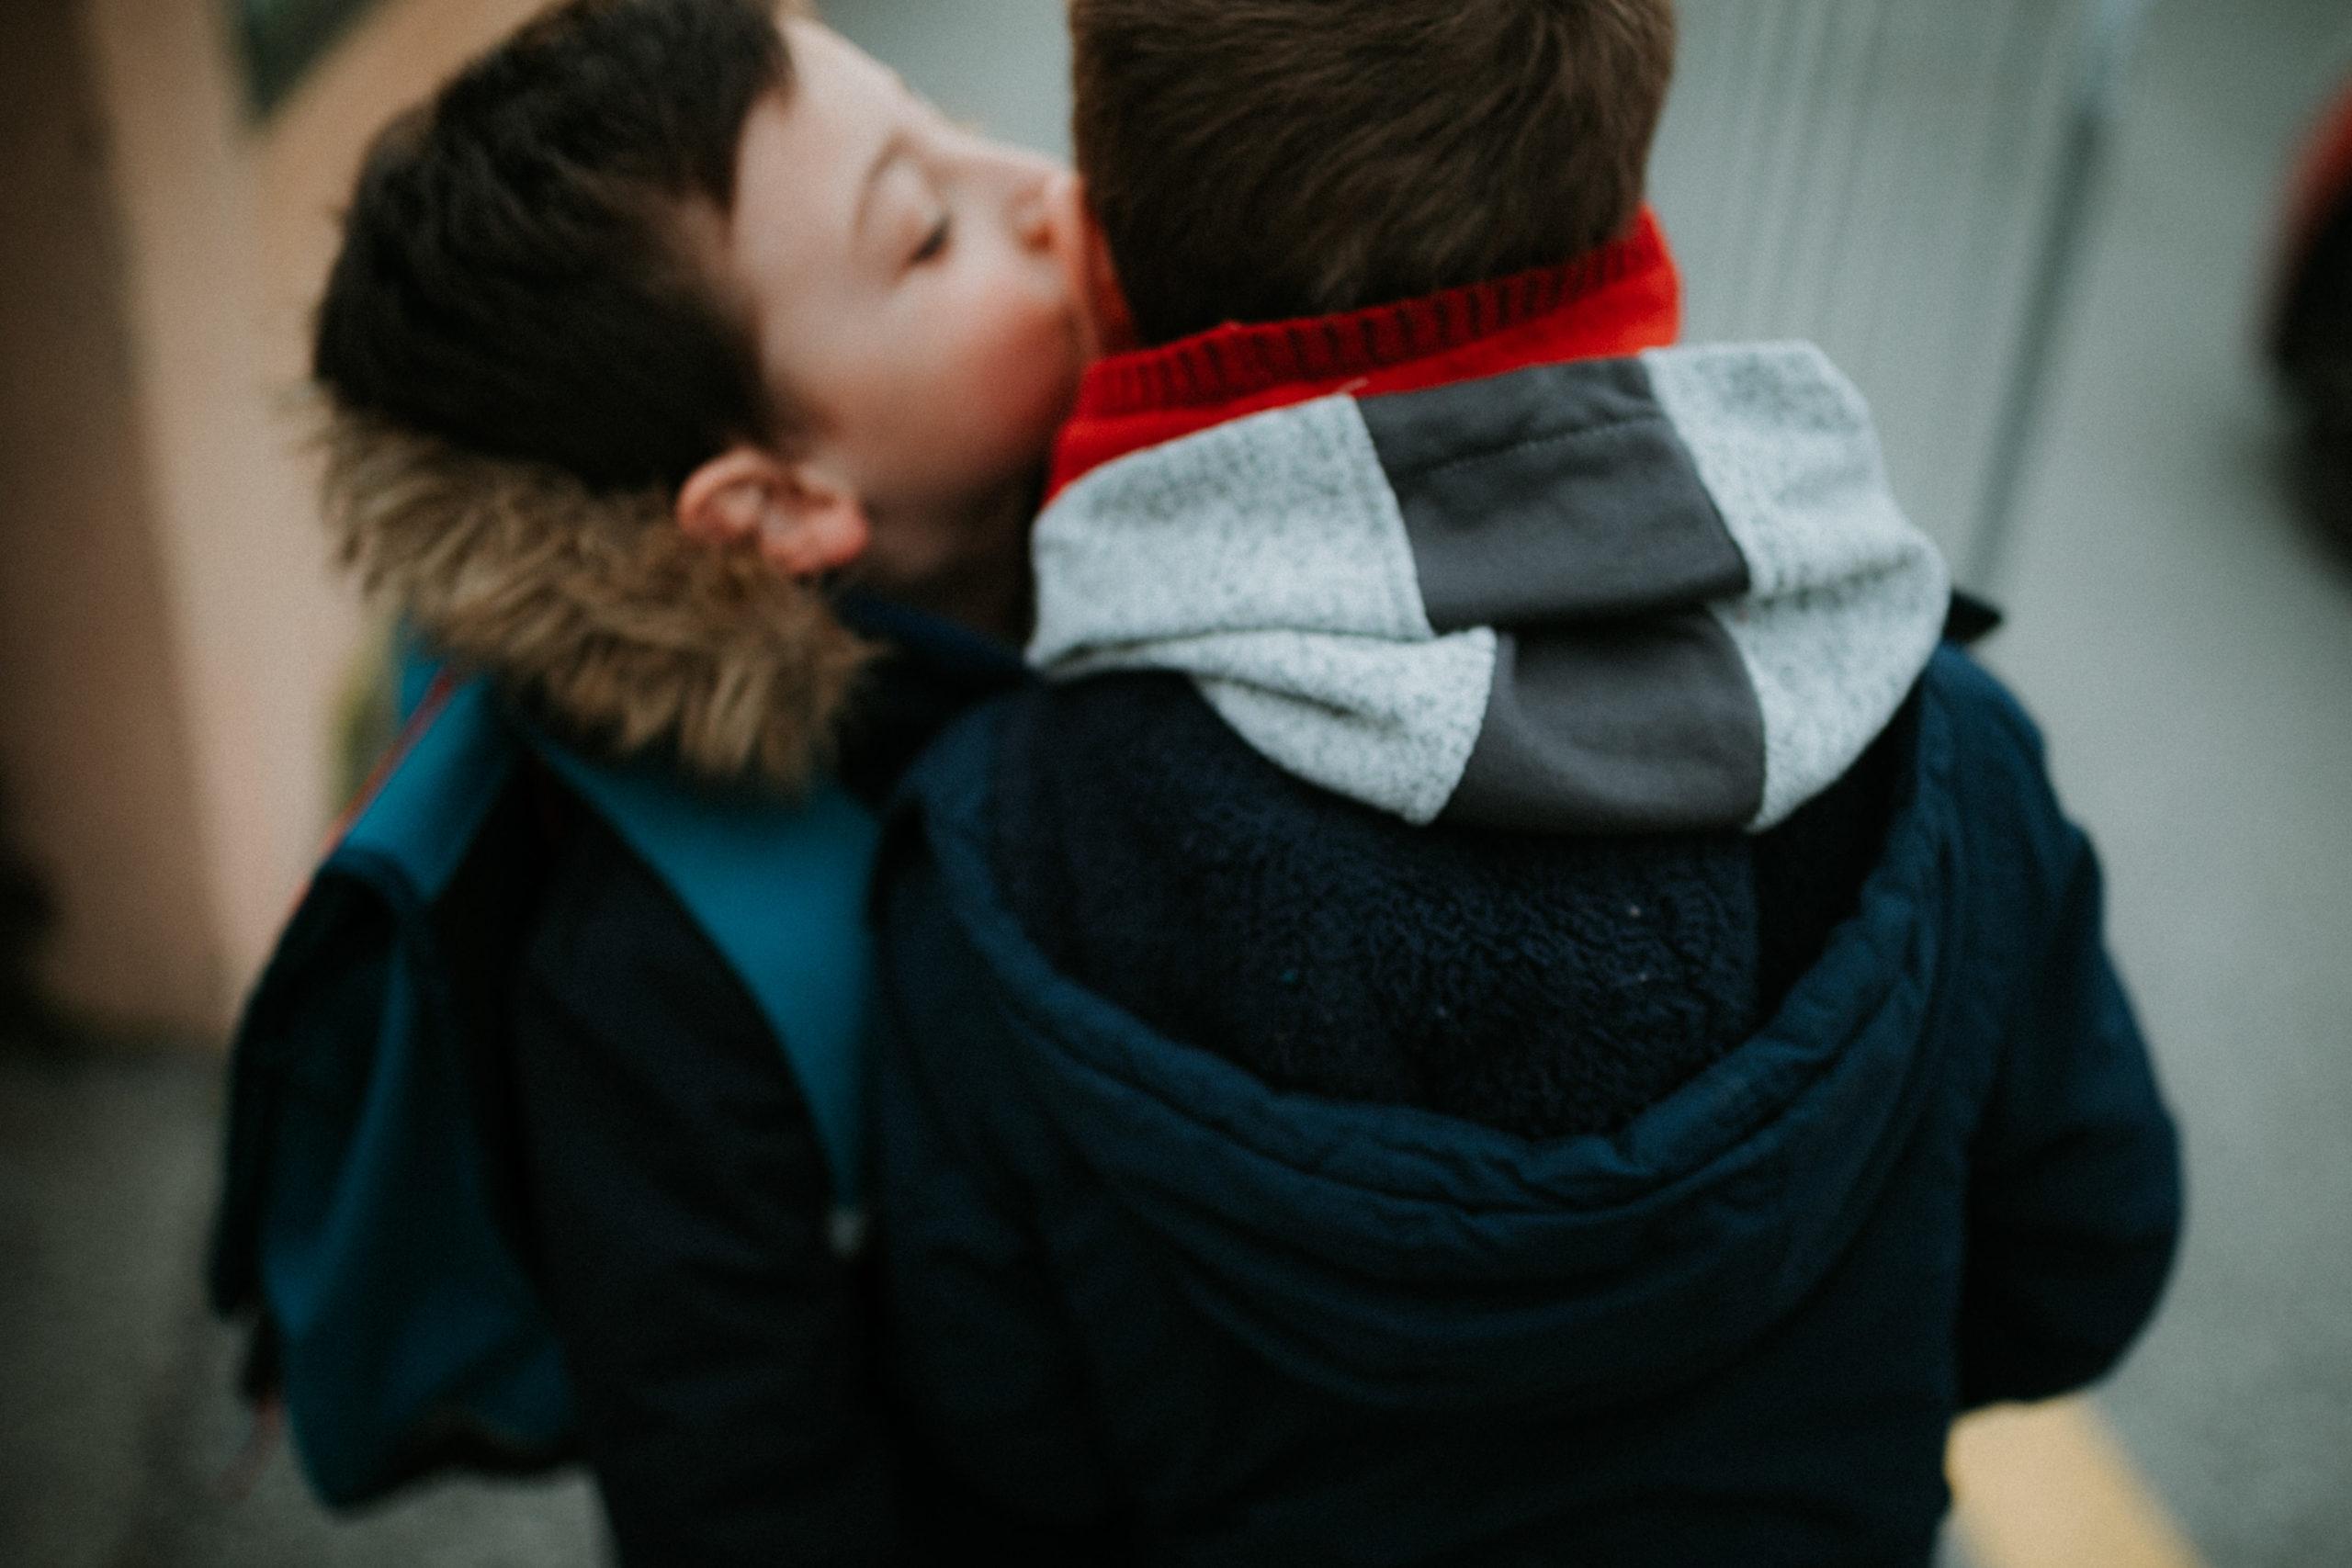 sur le chemin de l 'école - auribeau sur siagne - caroline liabot photographe - photographe lifestyle famille grasse - portrait d'enfant - cannes - projet 365